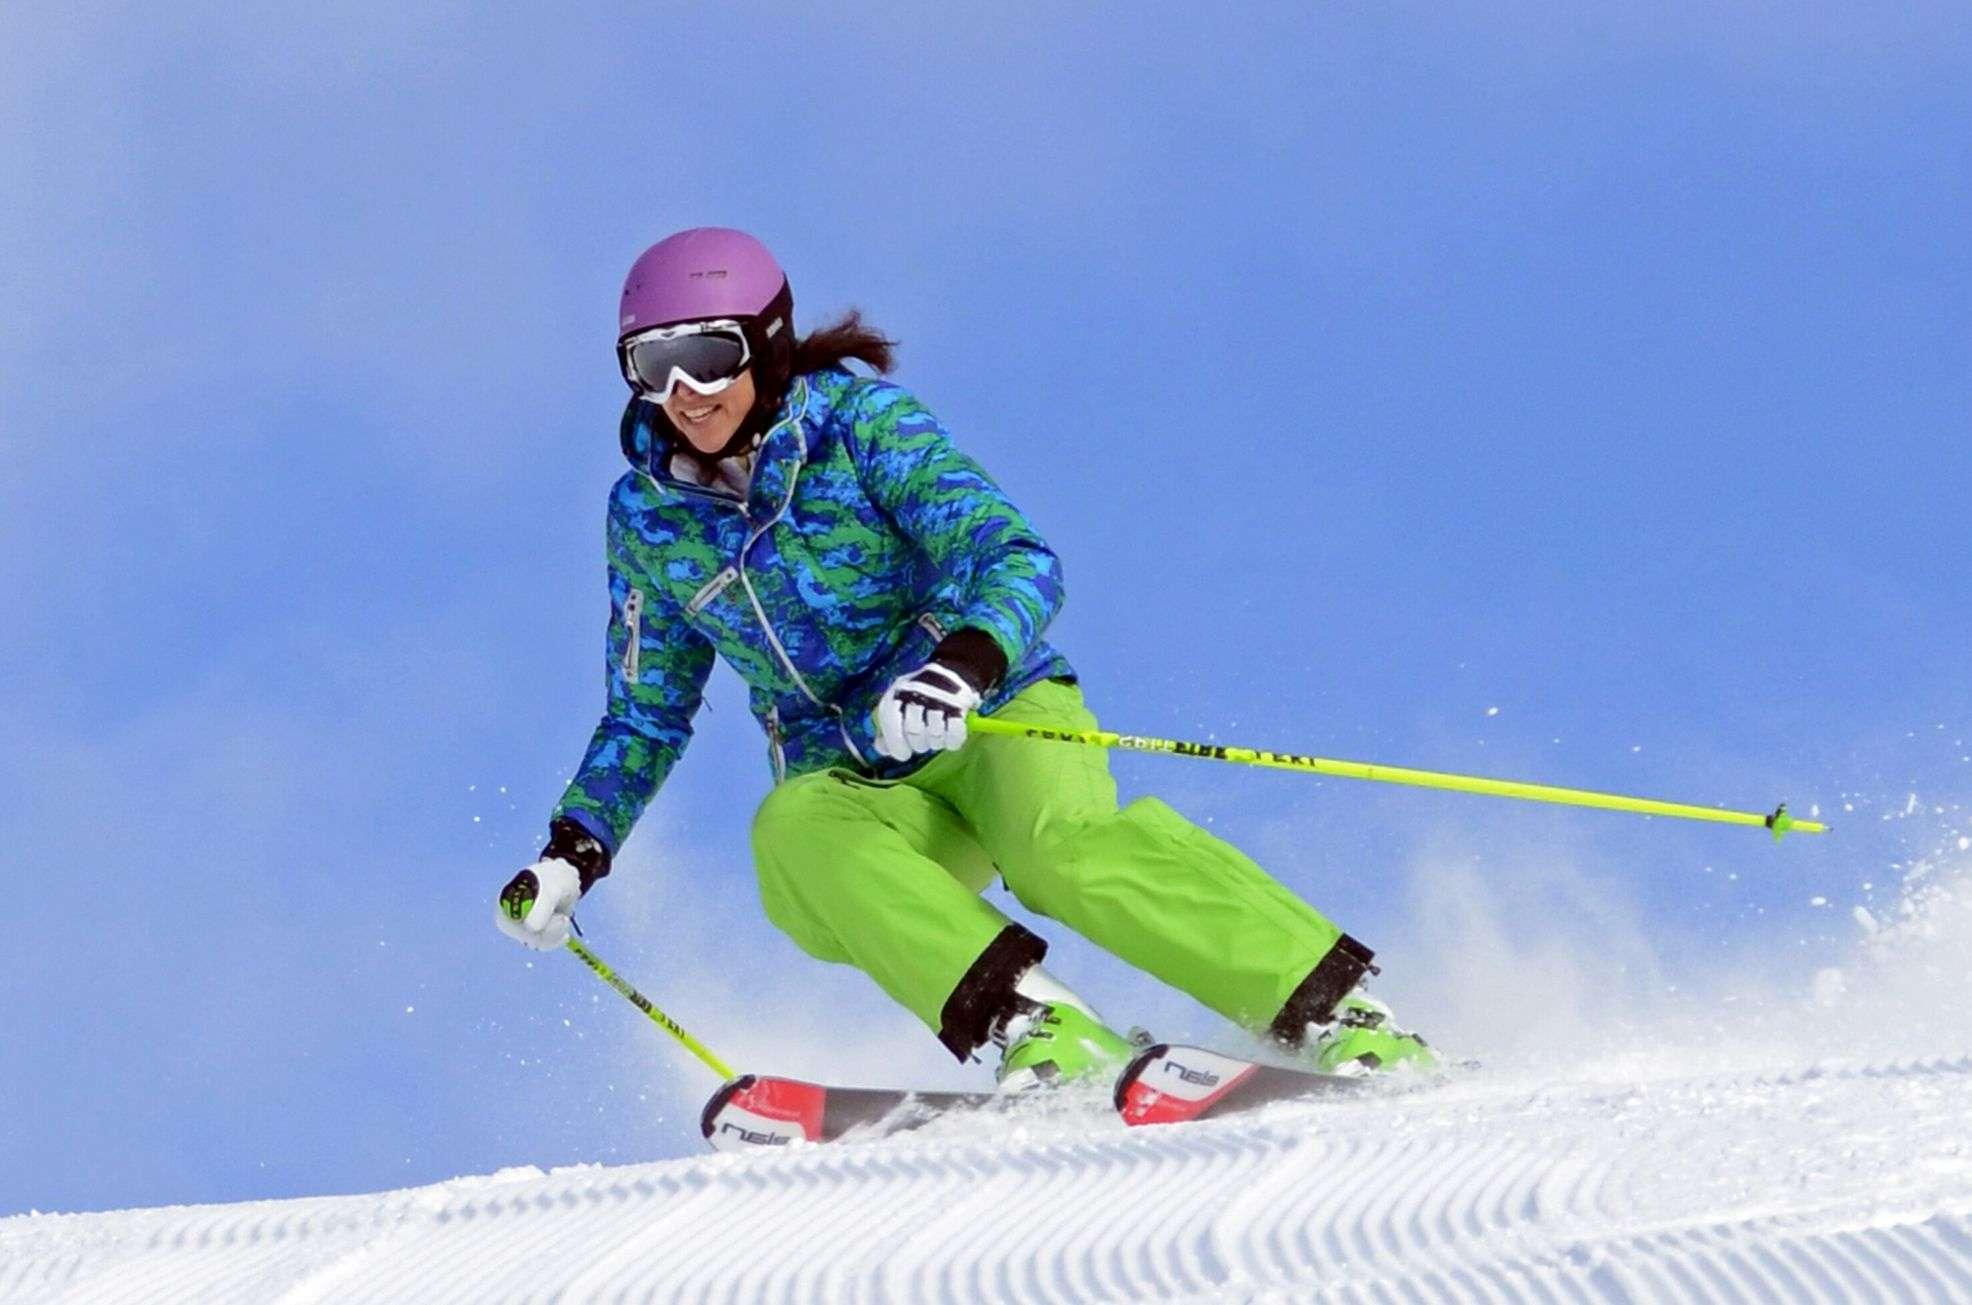 Lisa Ballard skiing